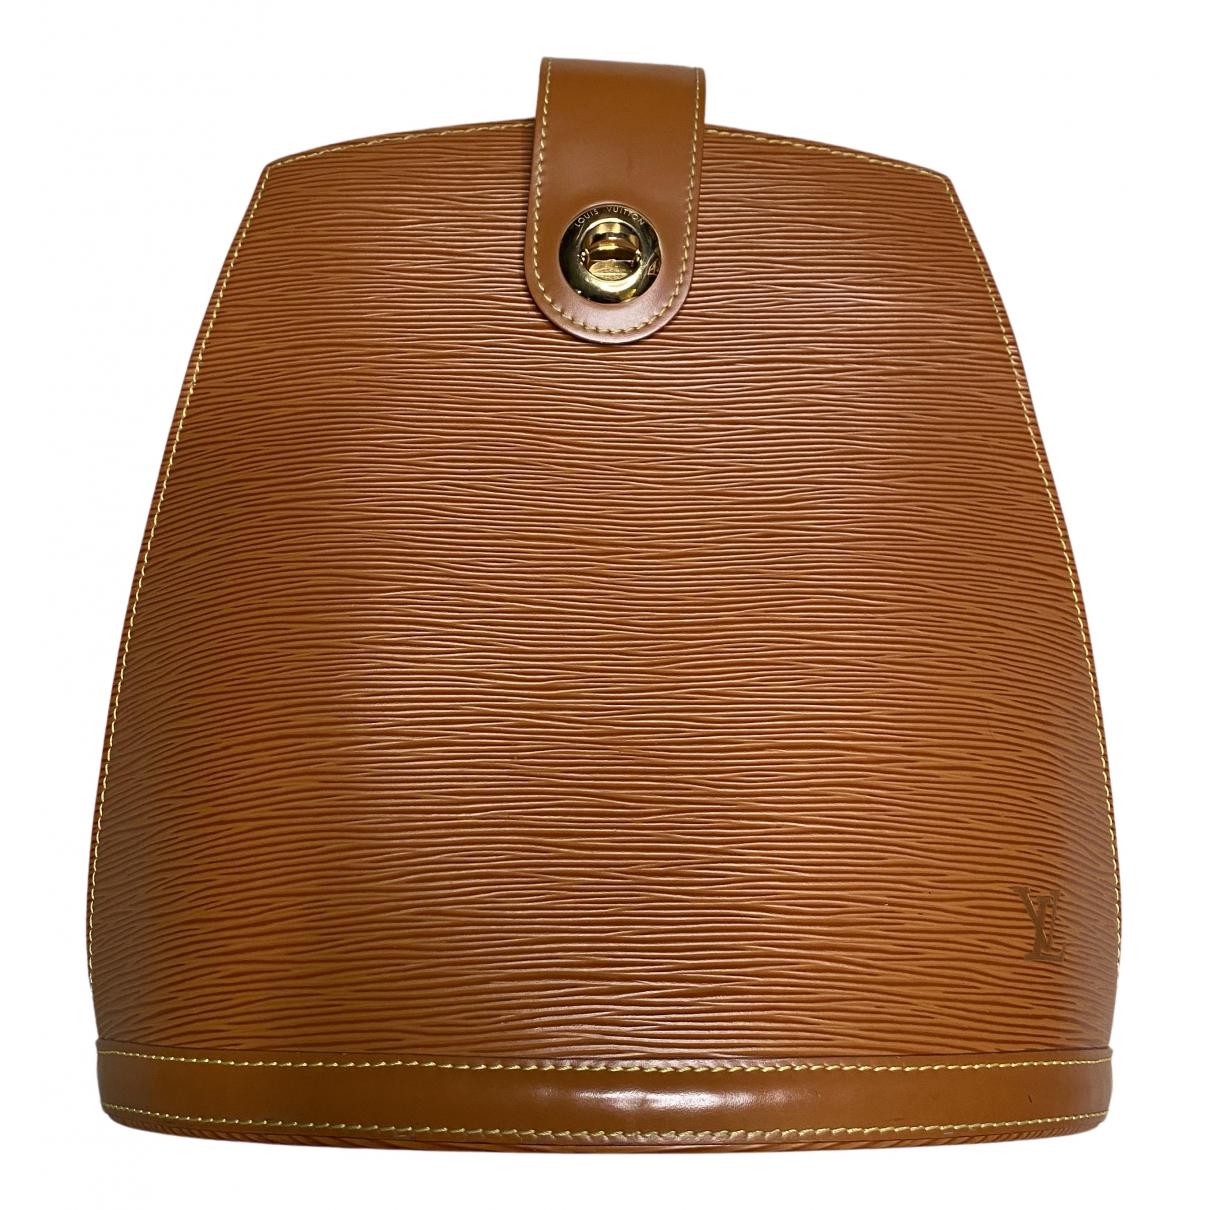 Louis Vuitton - Sac a main Cluny Vintage pour femme en cuir - marron